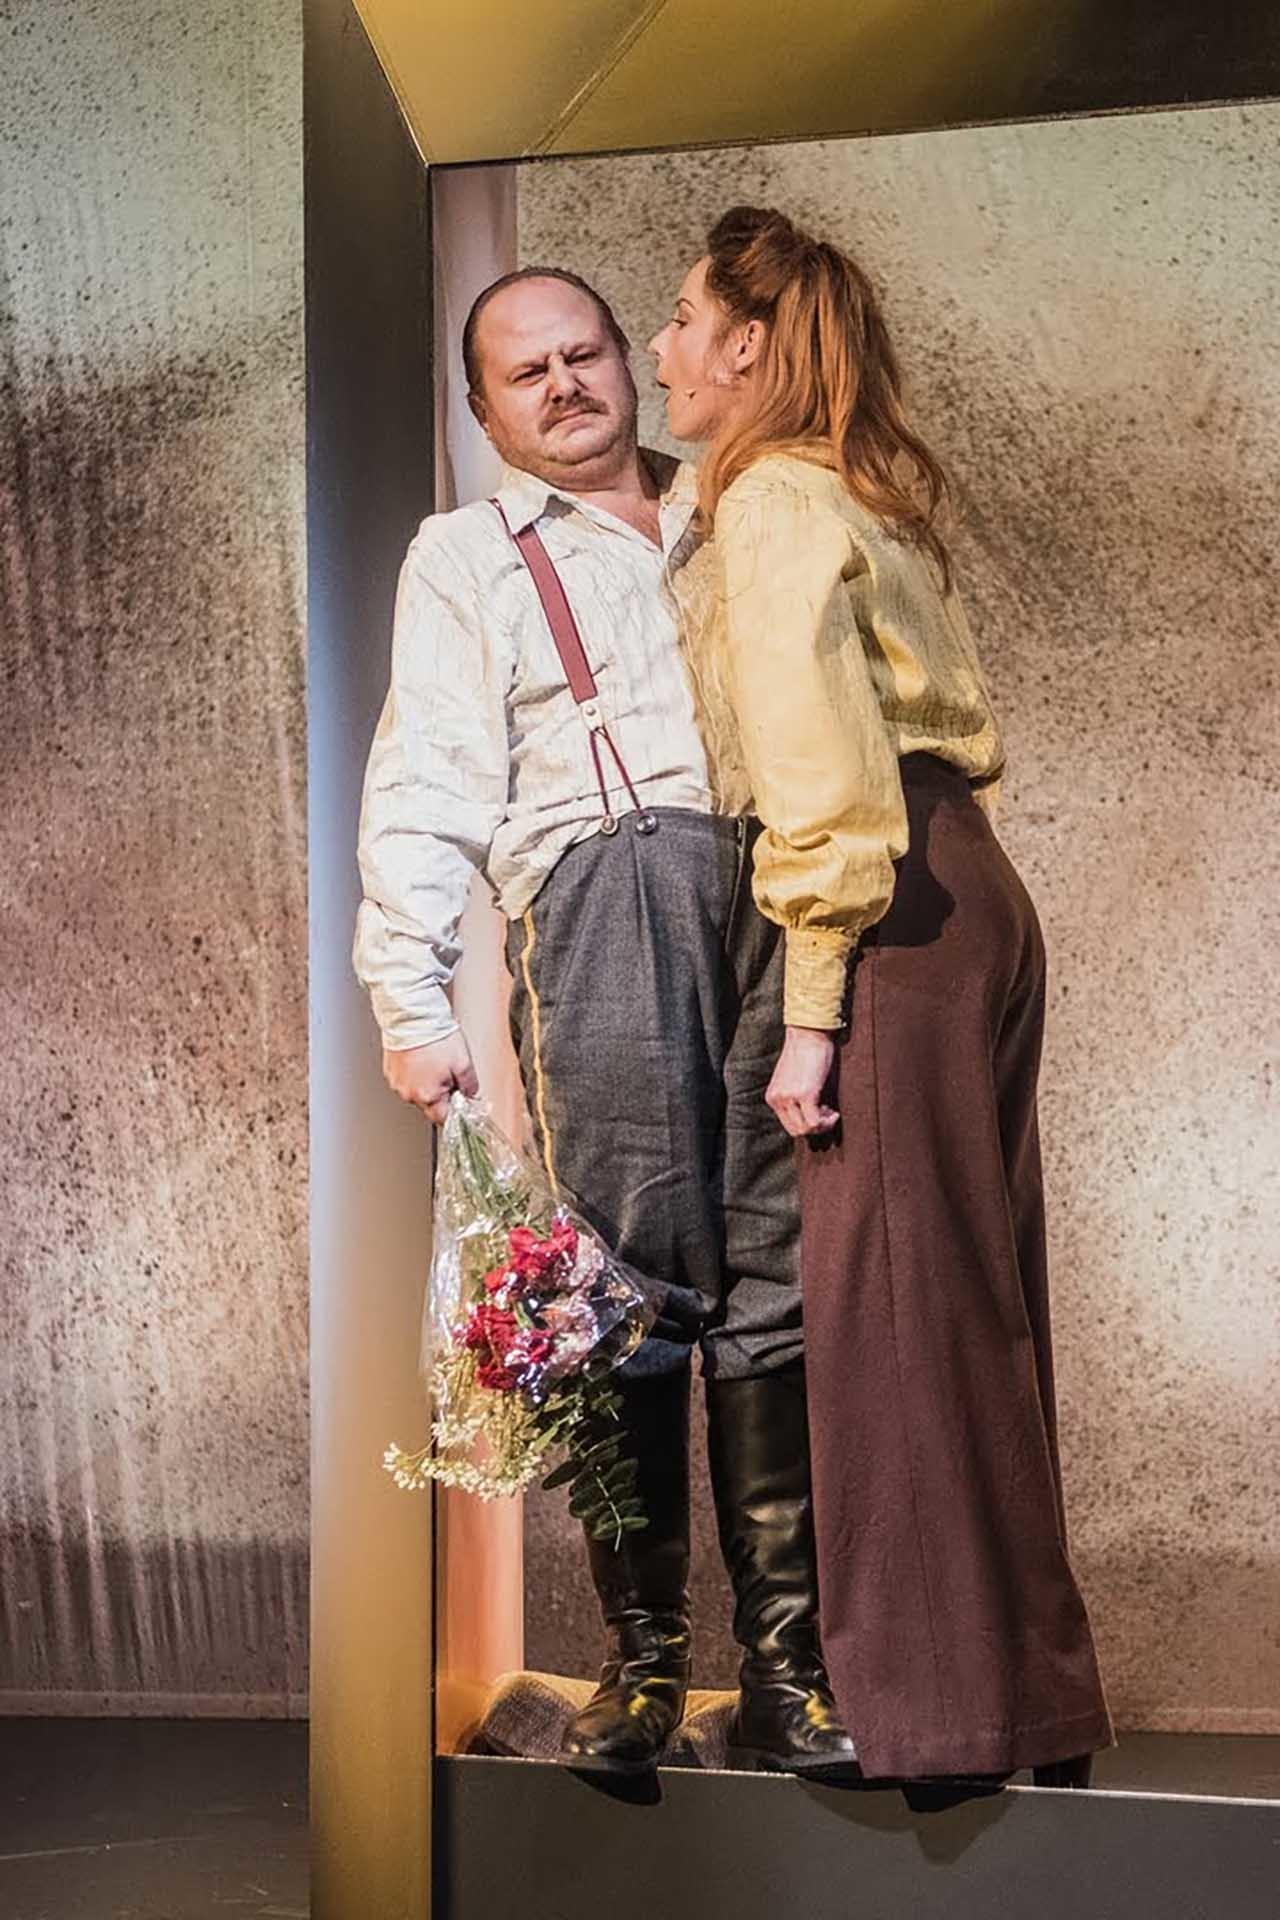 site_img_4554_20171115-teateribsen-dodsdansen-4560.jpg